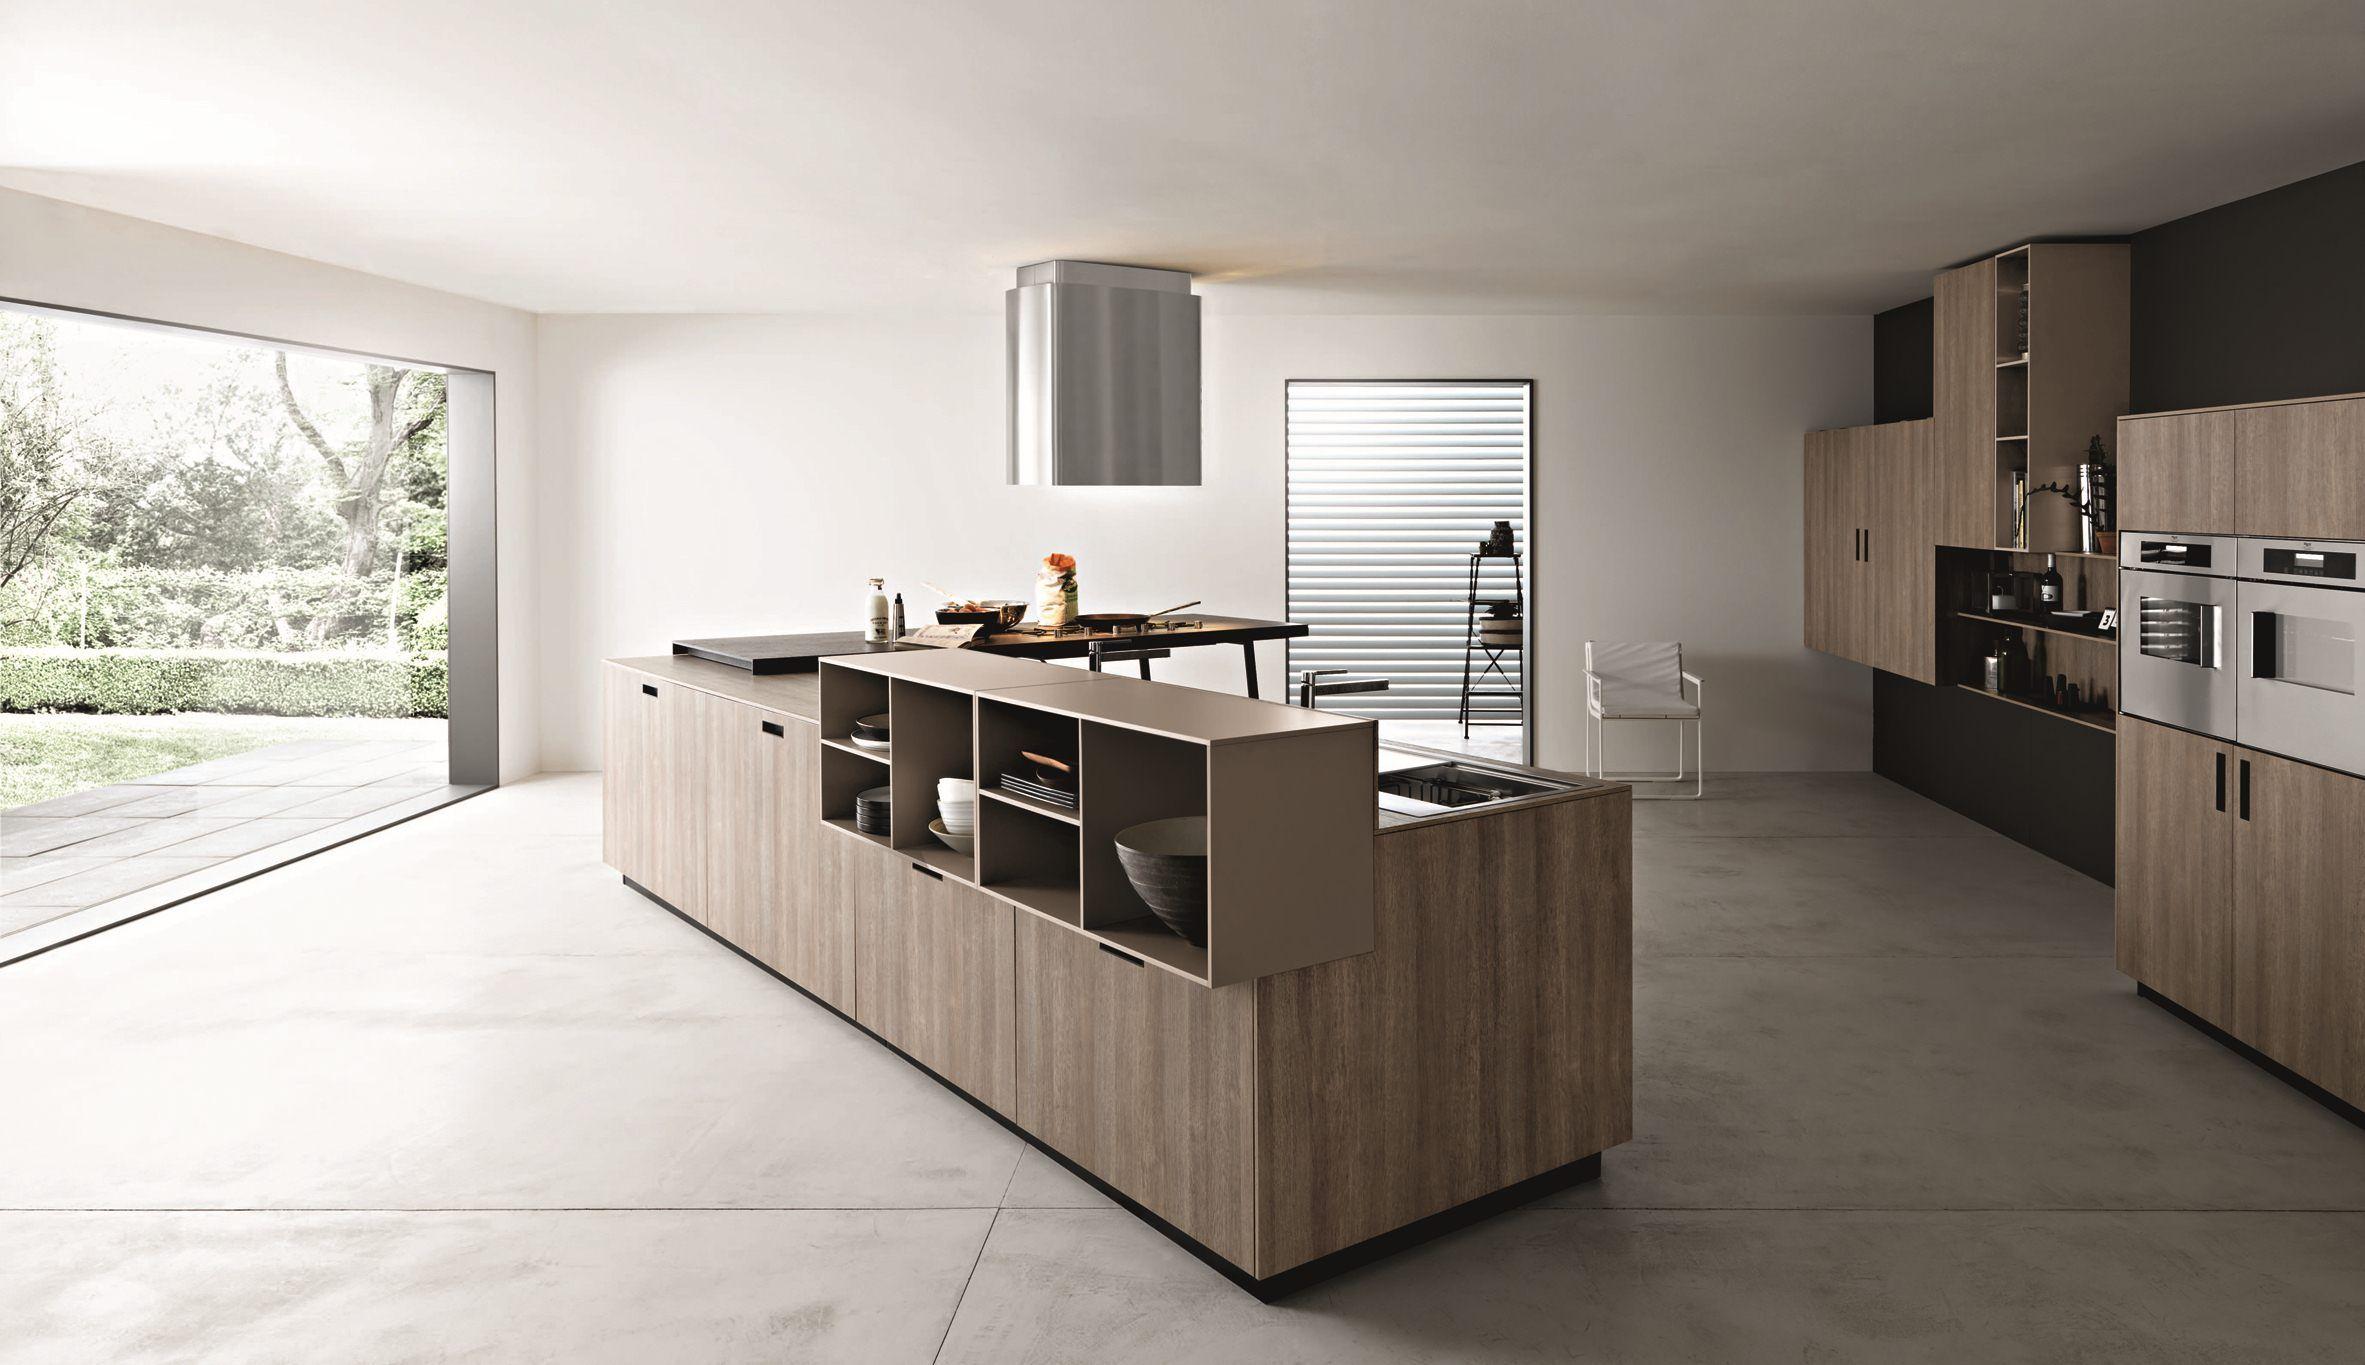 Cuisines pure joy bureau d 39 architecture d 39 int rieur - Cuisine architecte d interieur ...